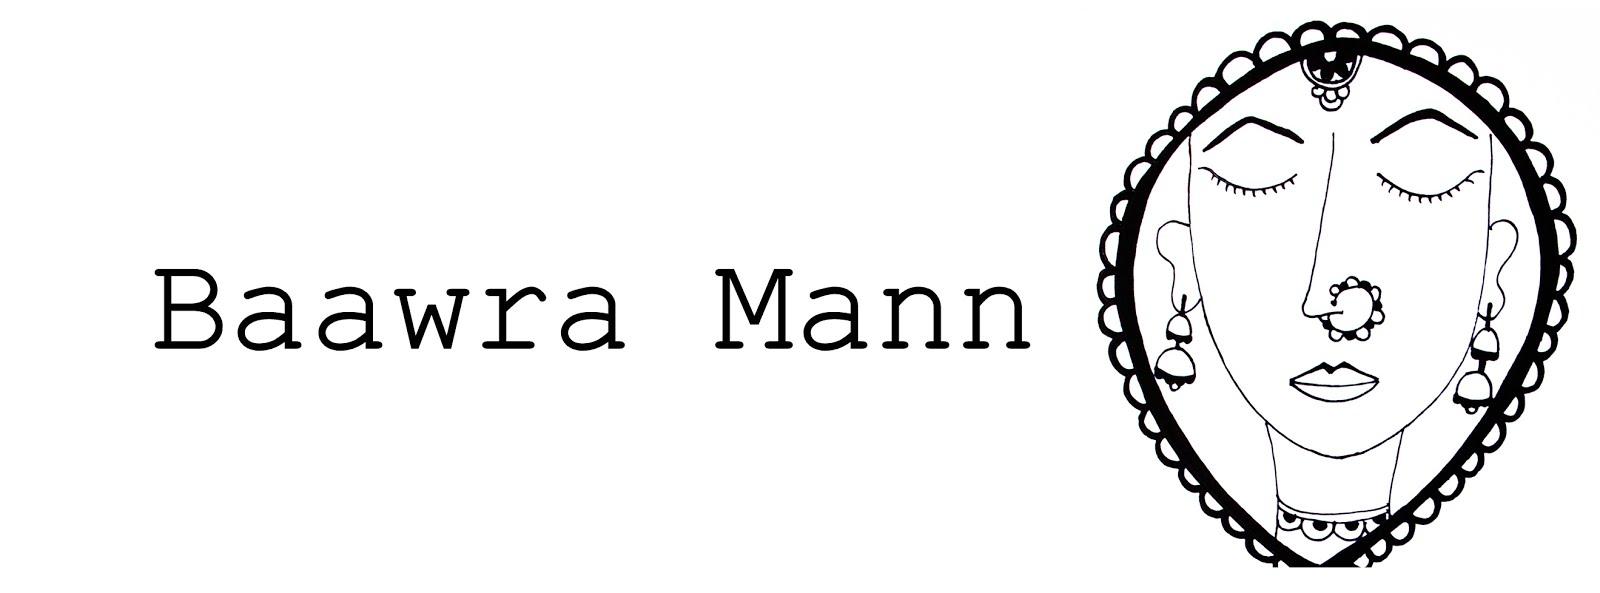 Baawra Mann